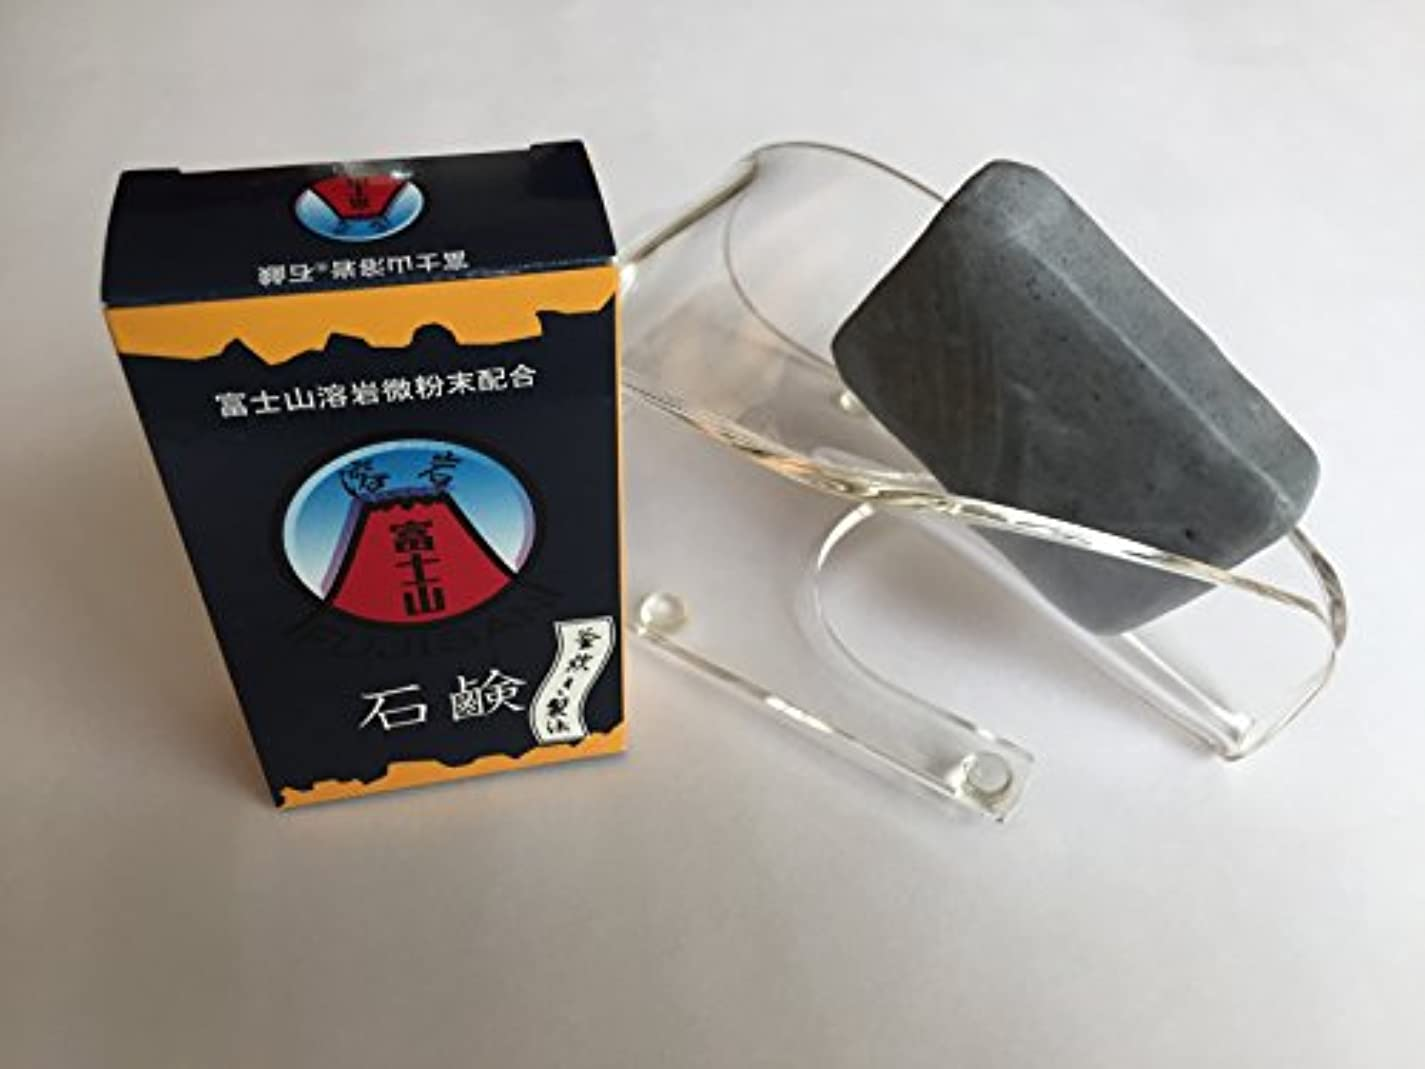 逆さまに新年再開限定15セット高級ホルダー(写真2,000円相当)プレゼント 富士山溶岩石鹸80g/個×3個セット